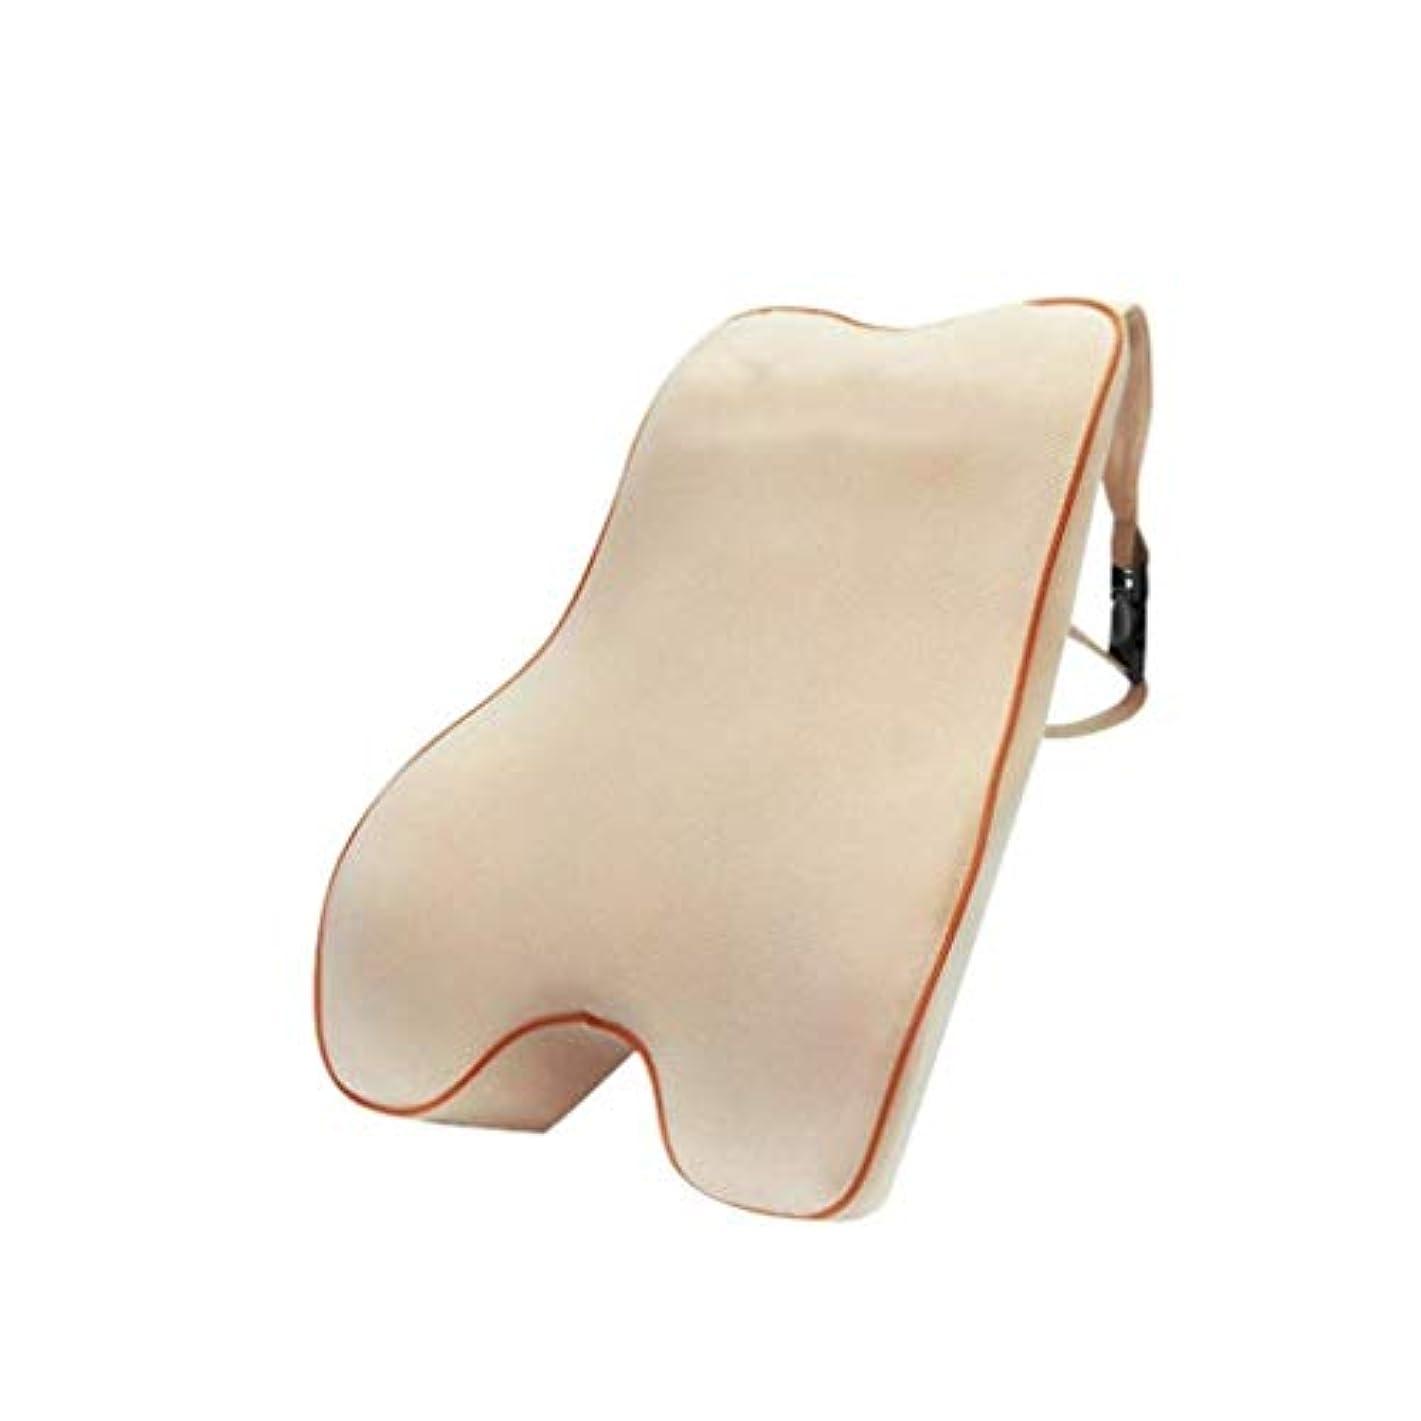 日光老人型腰椎枕 - 100%低反発腰椎クッション - ポータブル枕 - 整形外科用ウエストサポート枕 - 車のオフィスチェア - 長距離運転オフィスに適した腰痛緩和